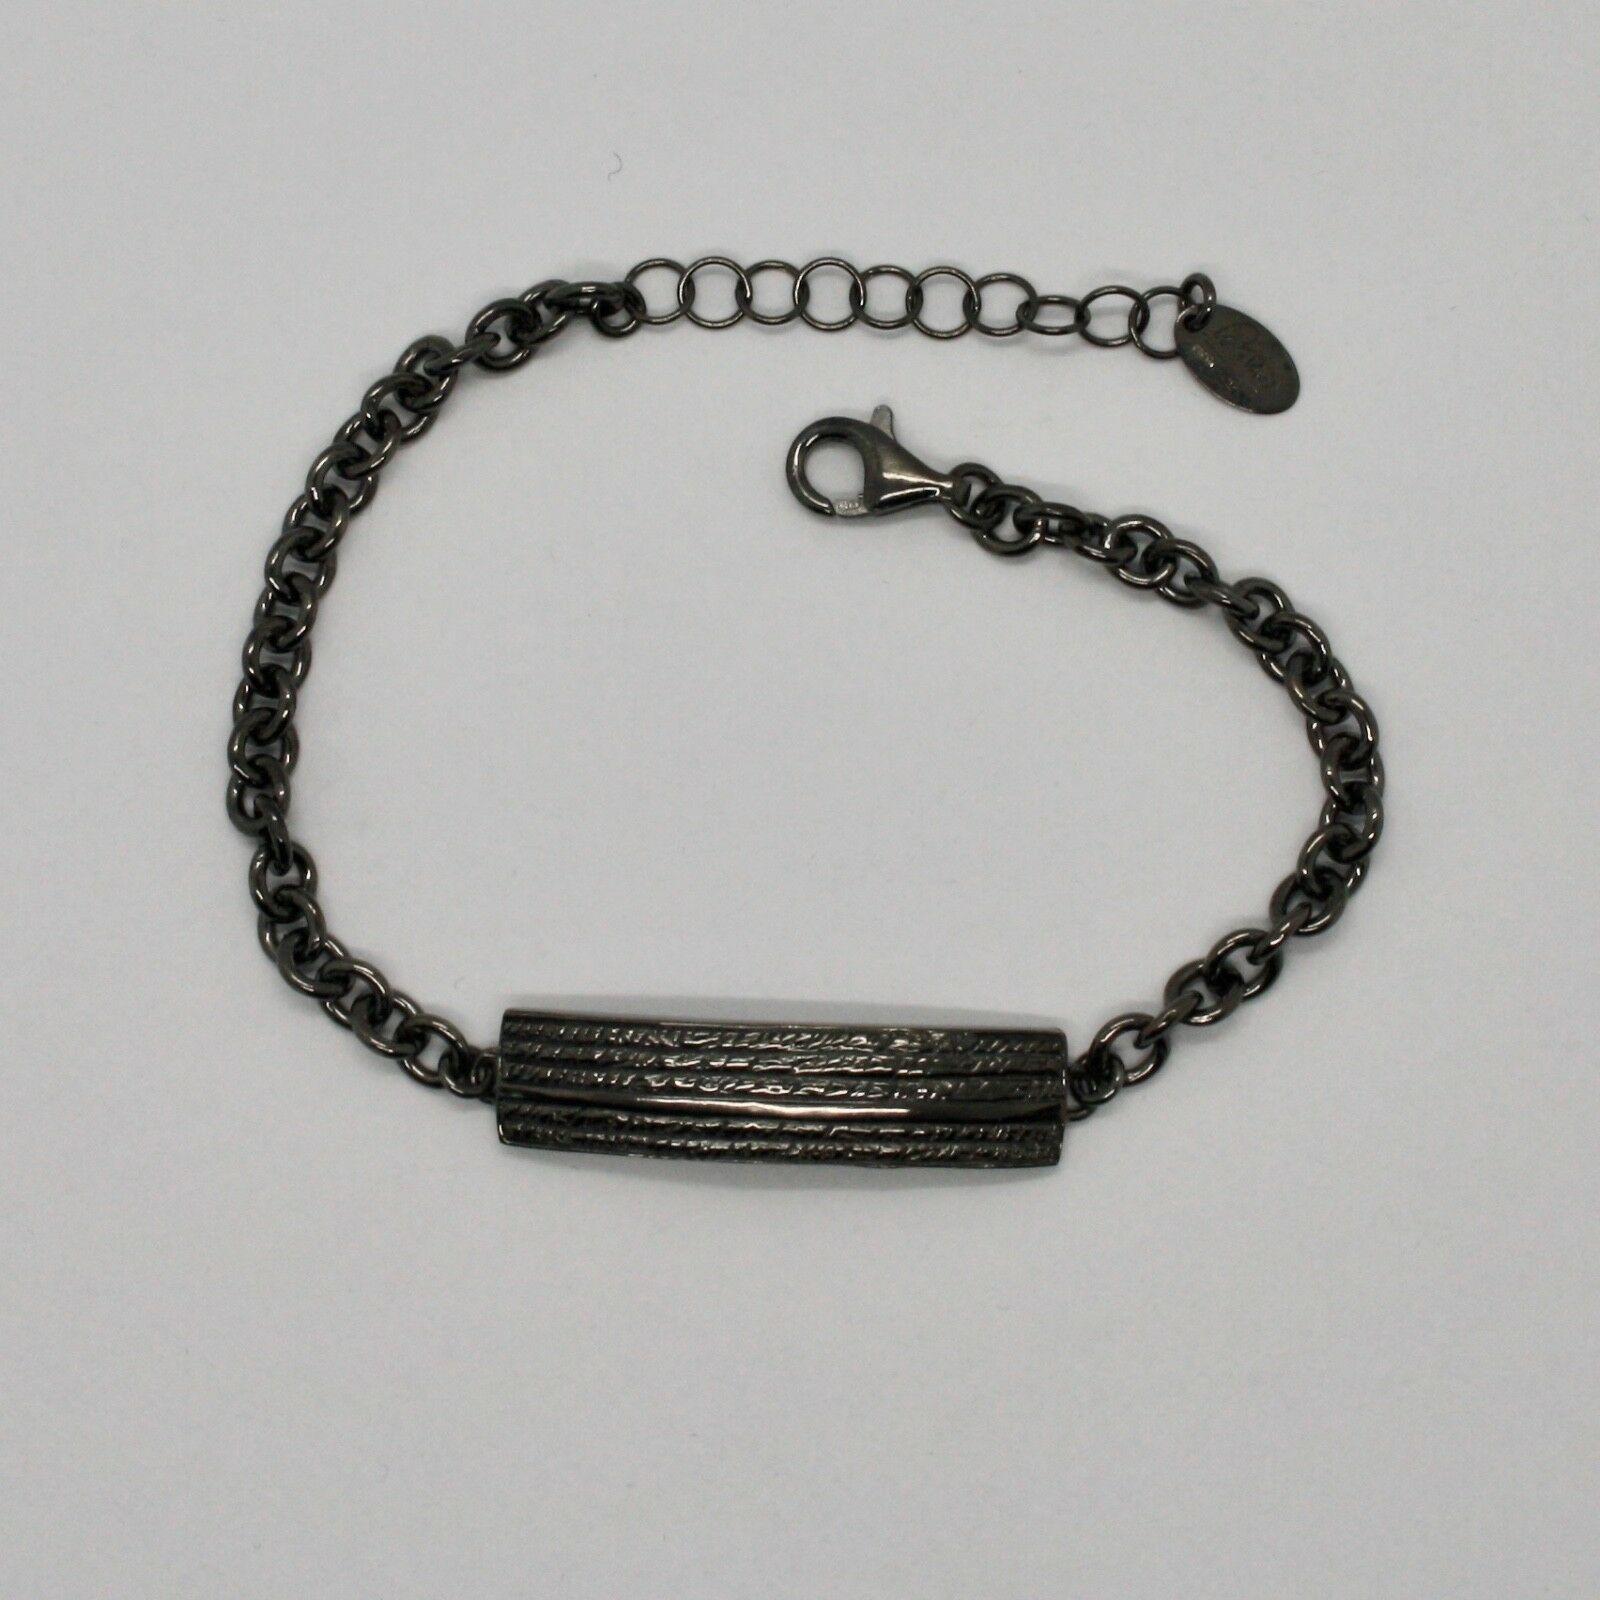 Armband 925 Silber Brüniert Schwarz, Herren Damen By Maria Ielpo Made in Italy